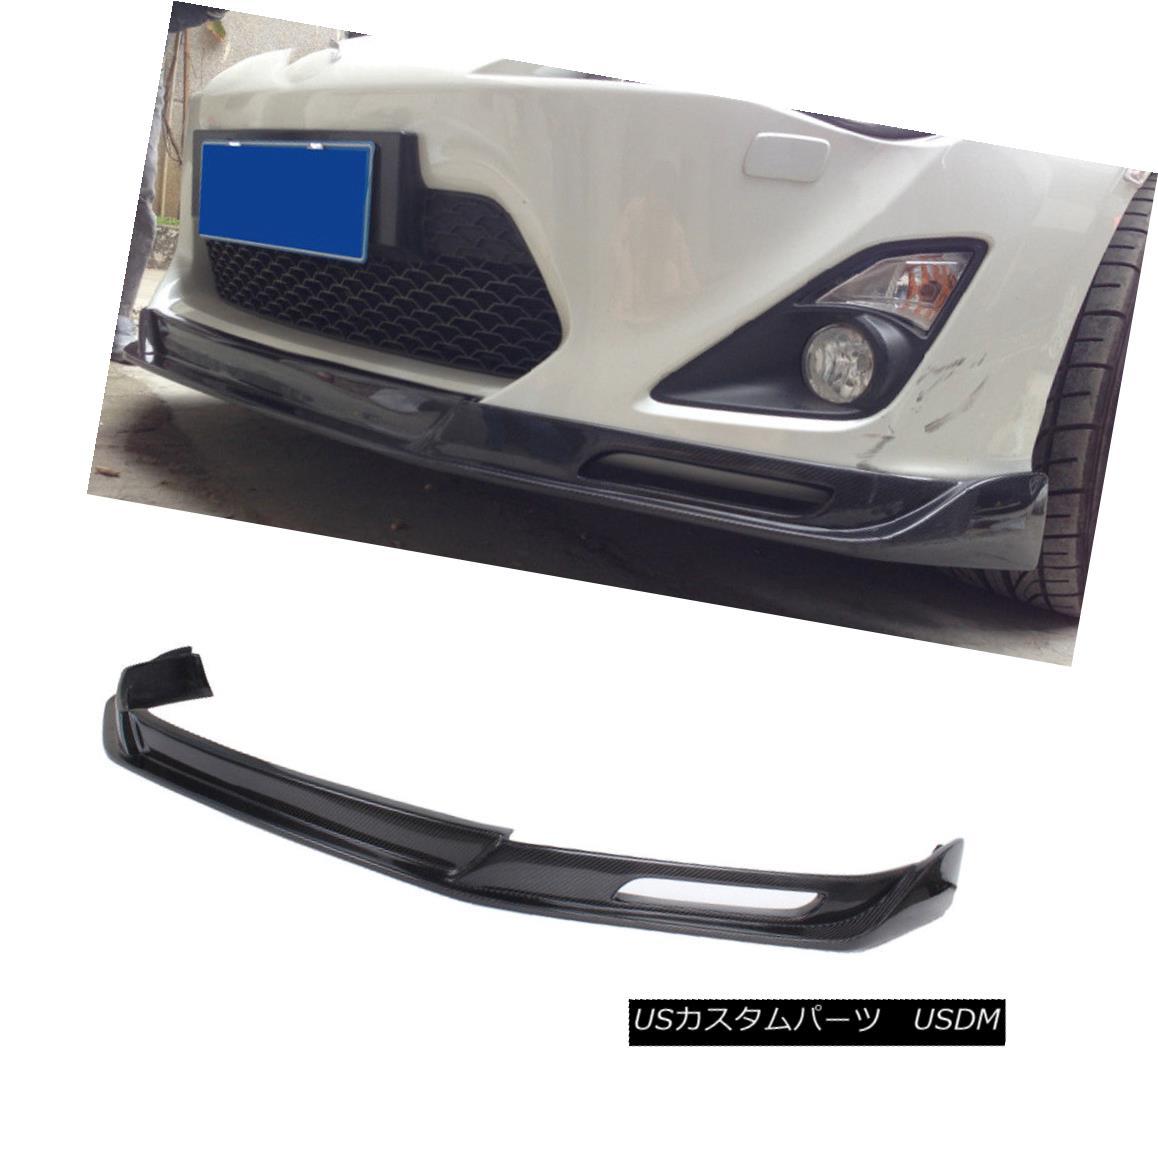 エアロパーツ Carbon Fiber Front Bumper Lip Chin Spoiler For Toyota GT86 Scion FR-S 13-14 トヨタGT86サイオンFR-S 13-14用炭素繊維フロントバンパーリップチンスポイラー